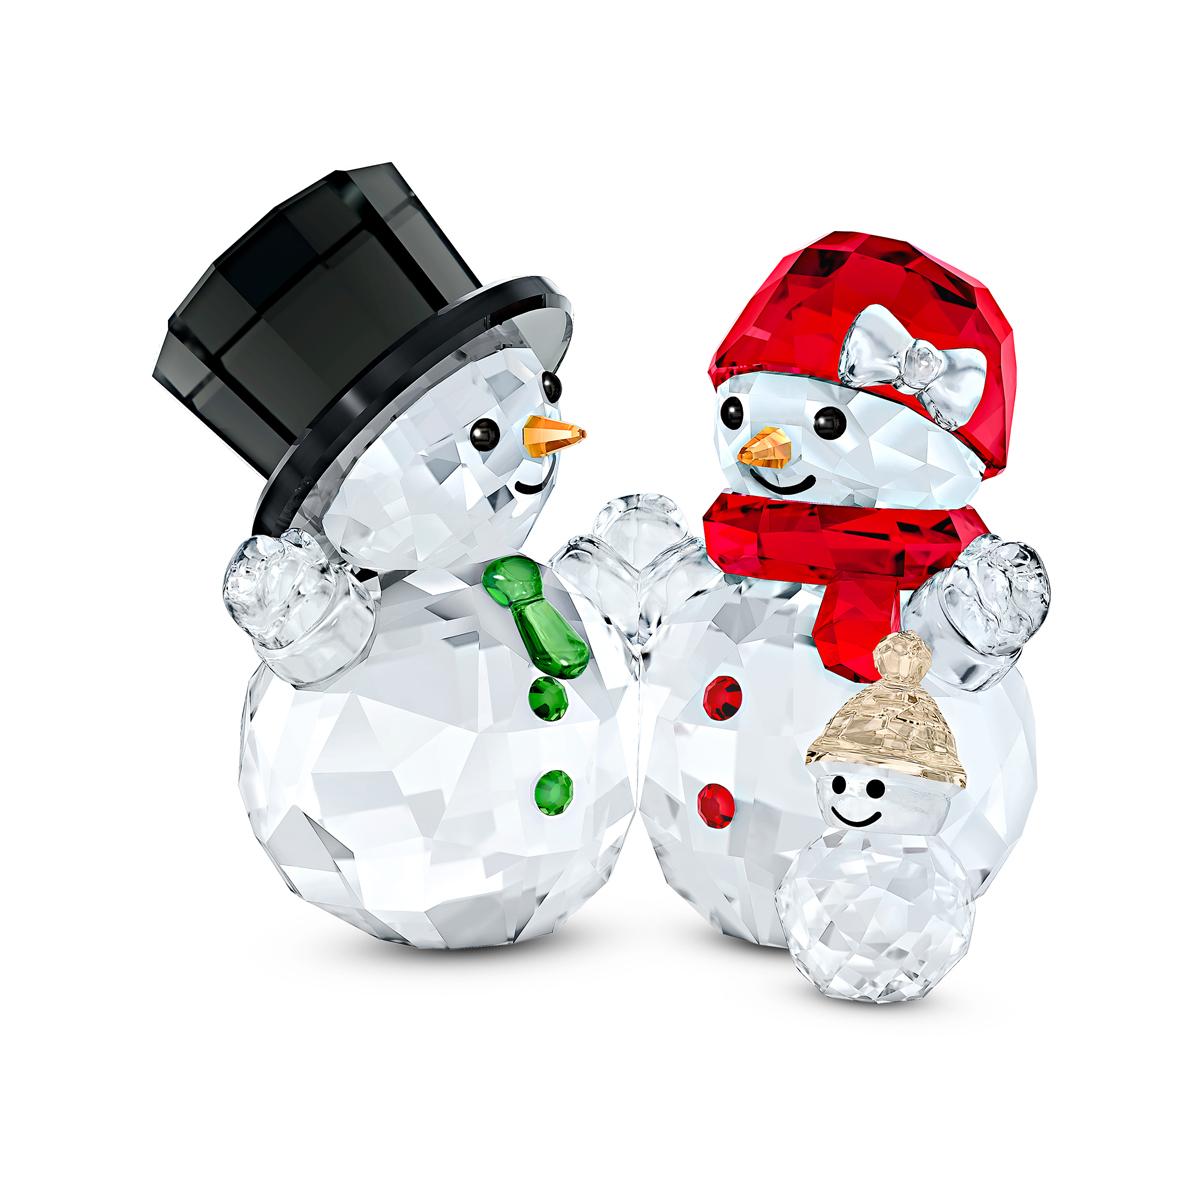 Swarovski Snowman Family